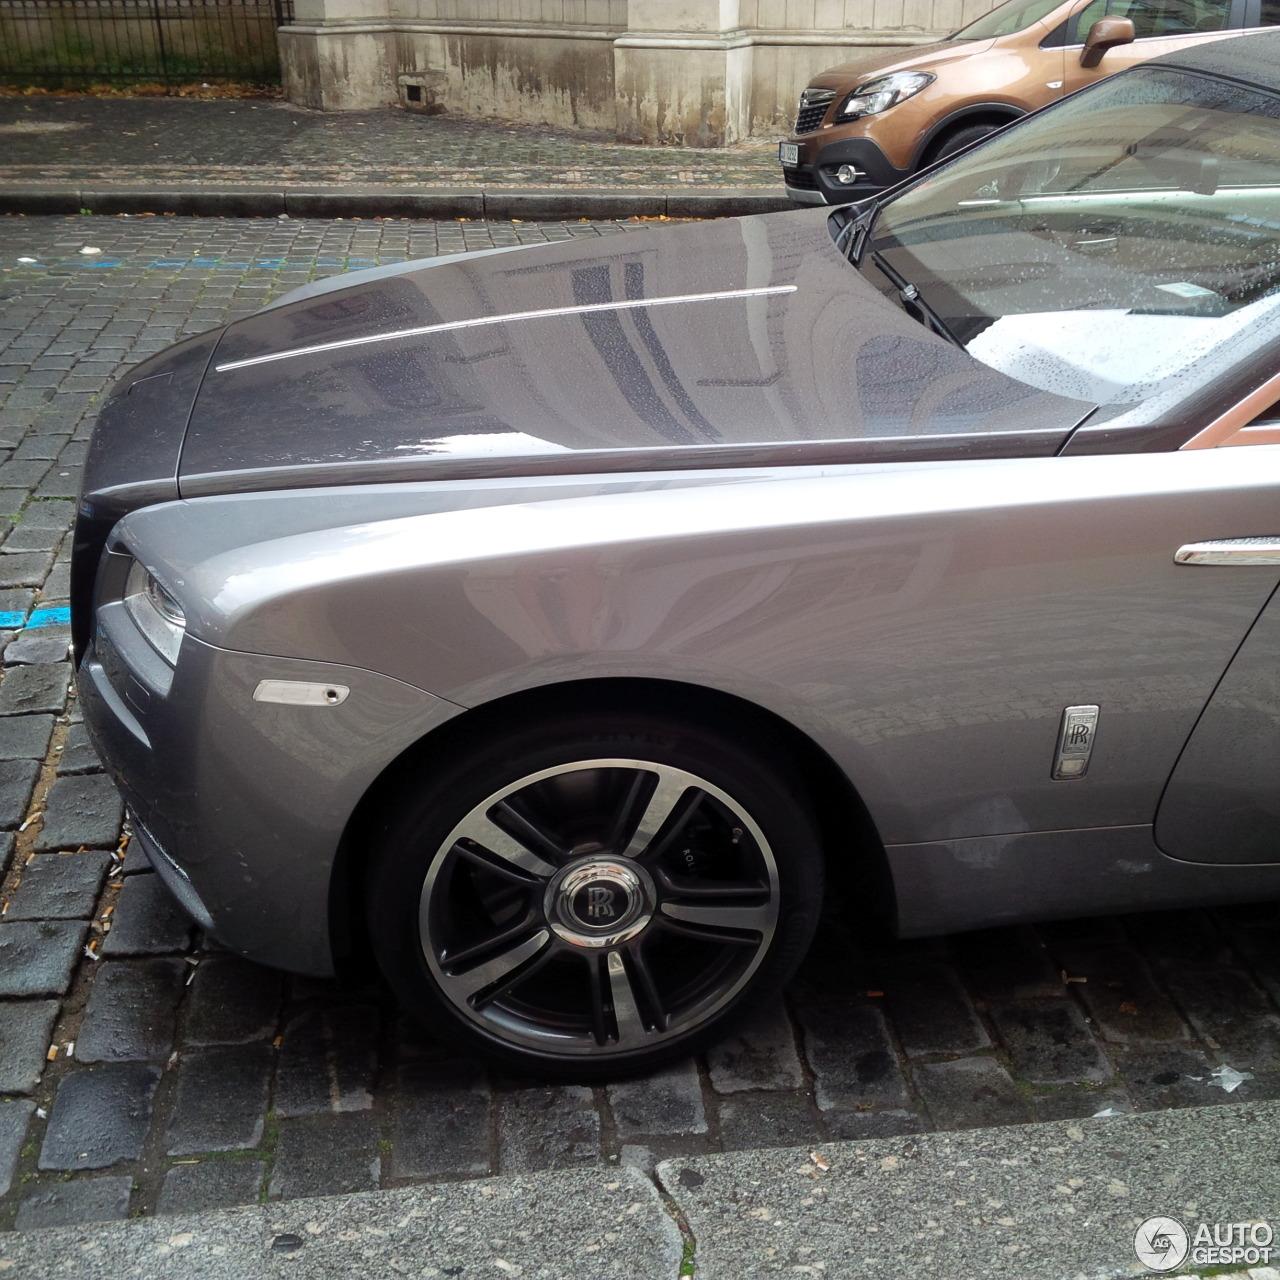 2016 Rolls Royce Wraith Camshaft: Rolls-Royce Wraith